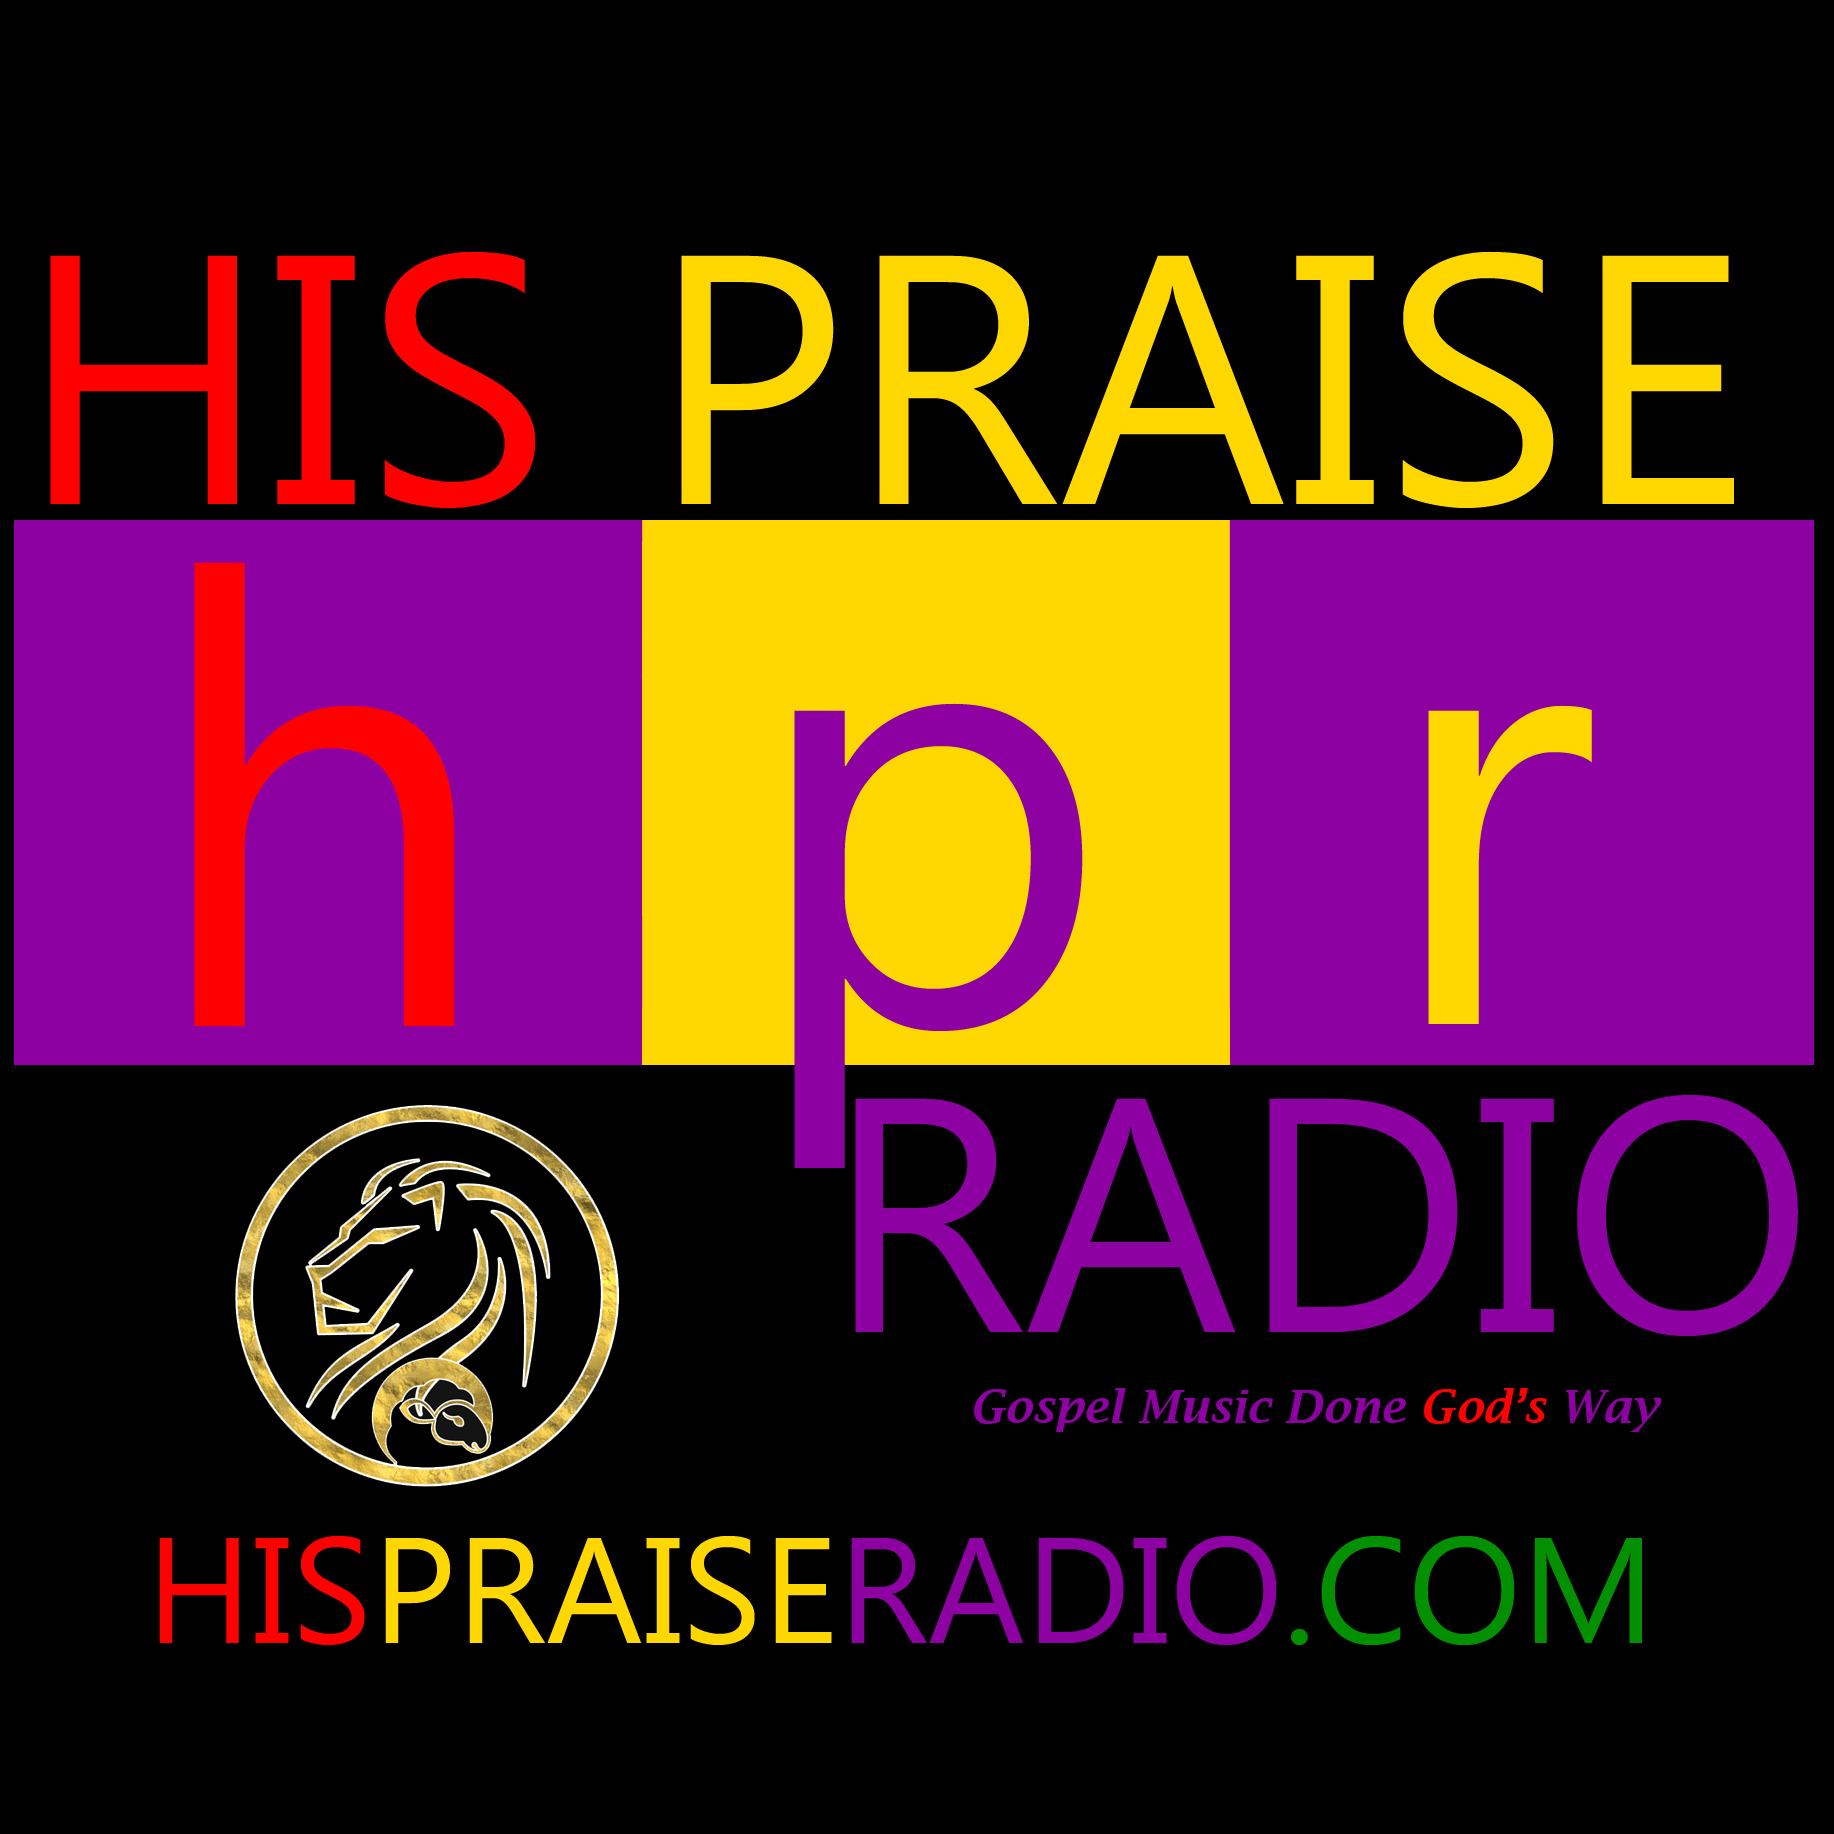 His Praise Radio